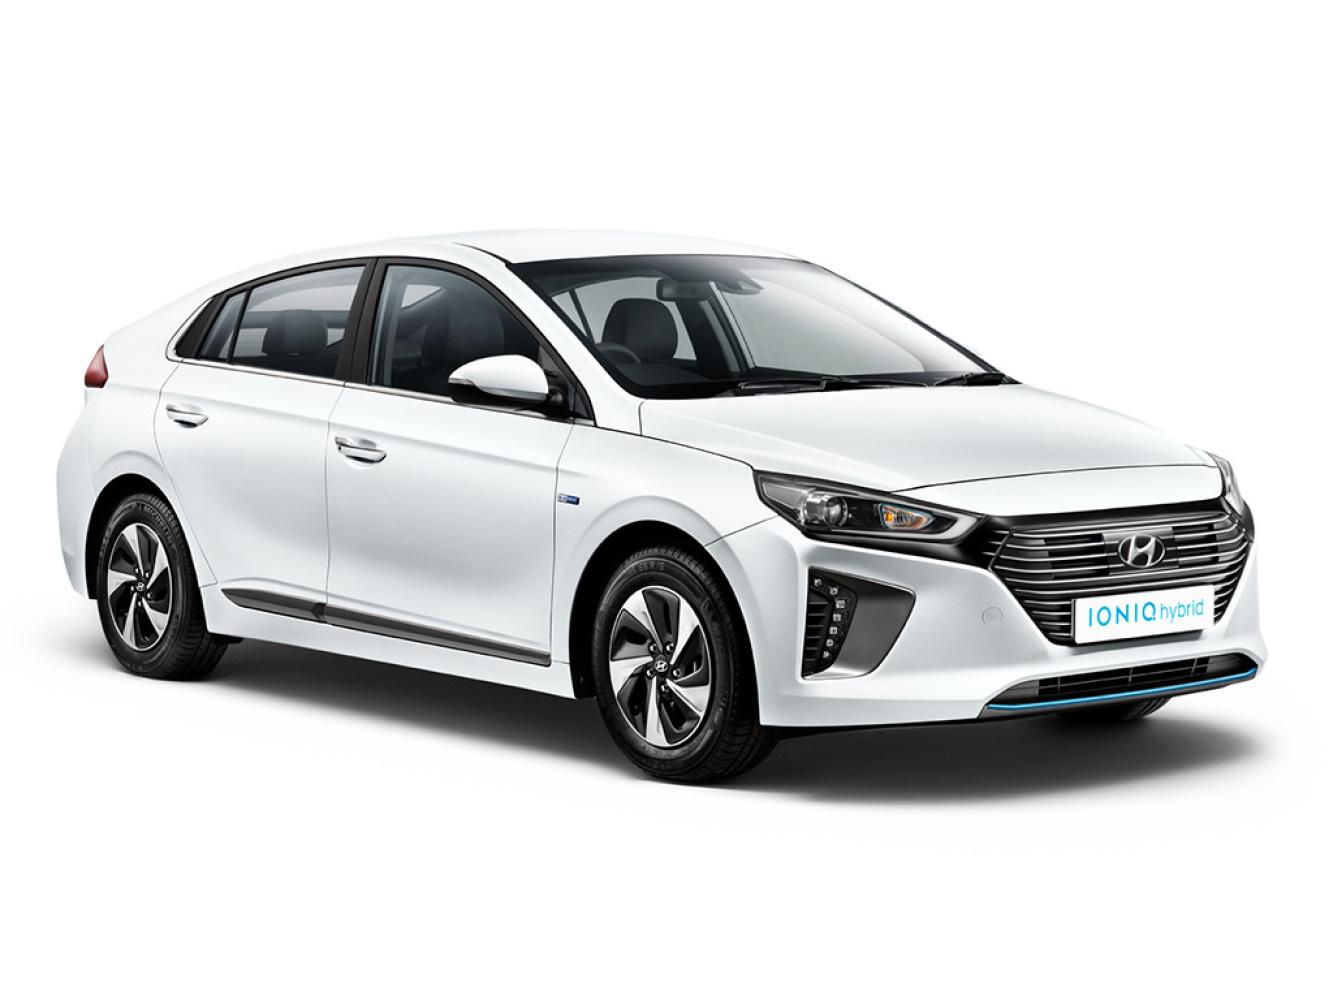 Hyundai Ioniq Plug In Hybrid Test >> New Hyundai Ioniq 1.6 GDi Plug-in Hybrid Premium 5dr DCT Hatchback for Sale   Bristol Street